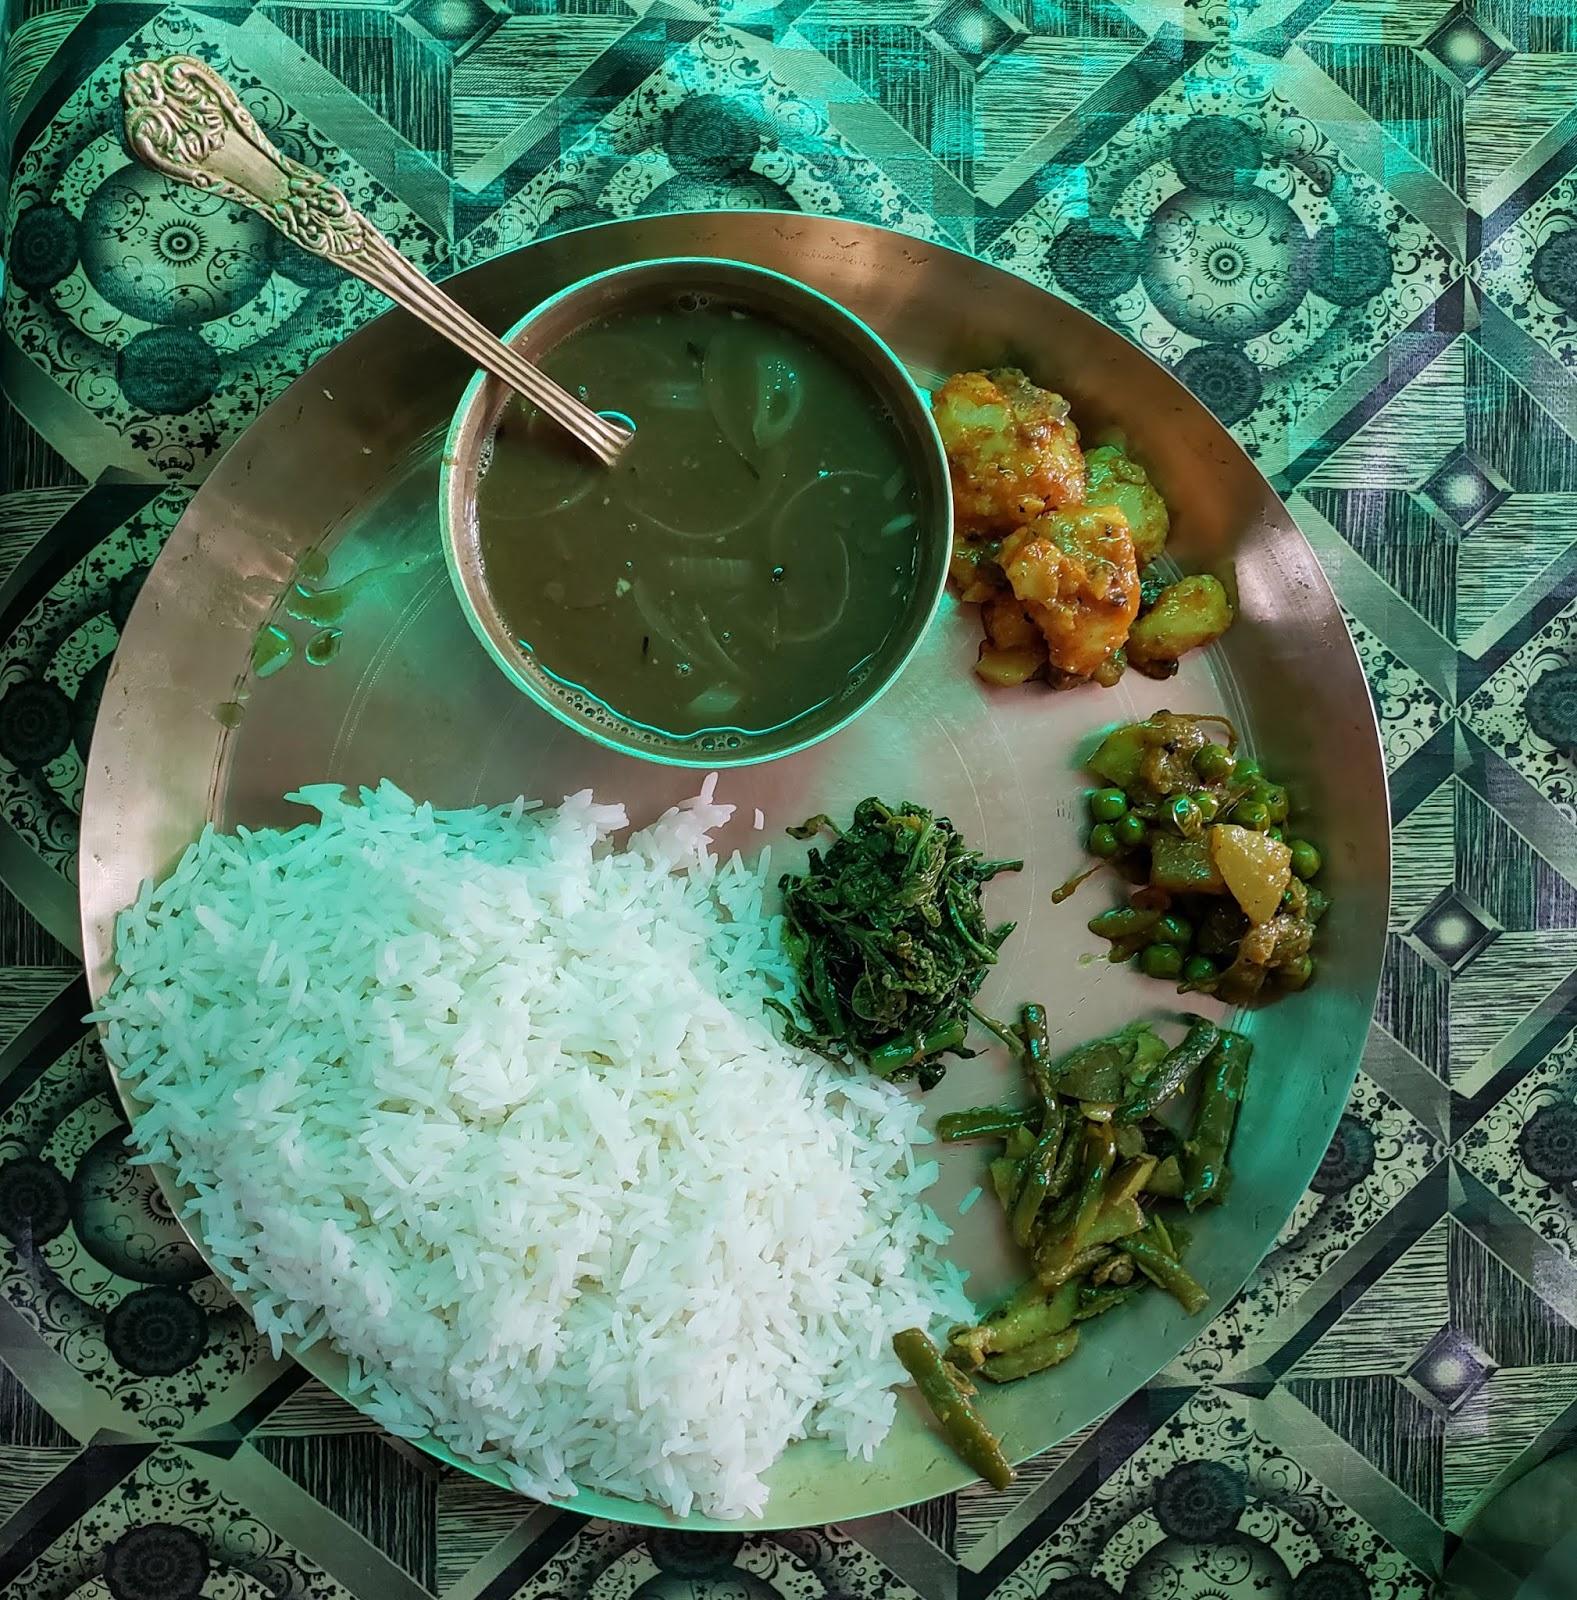 सिक्किम का वेज़ खाना